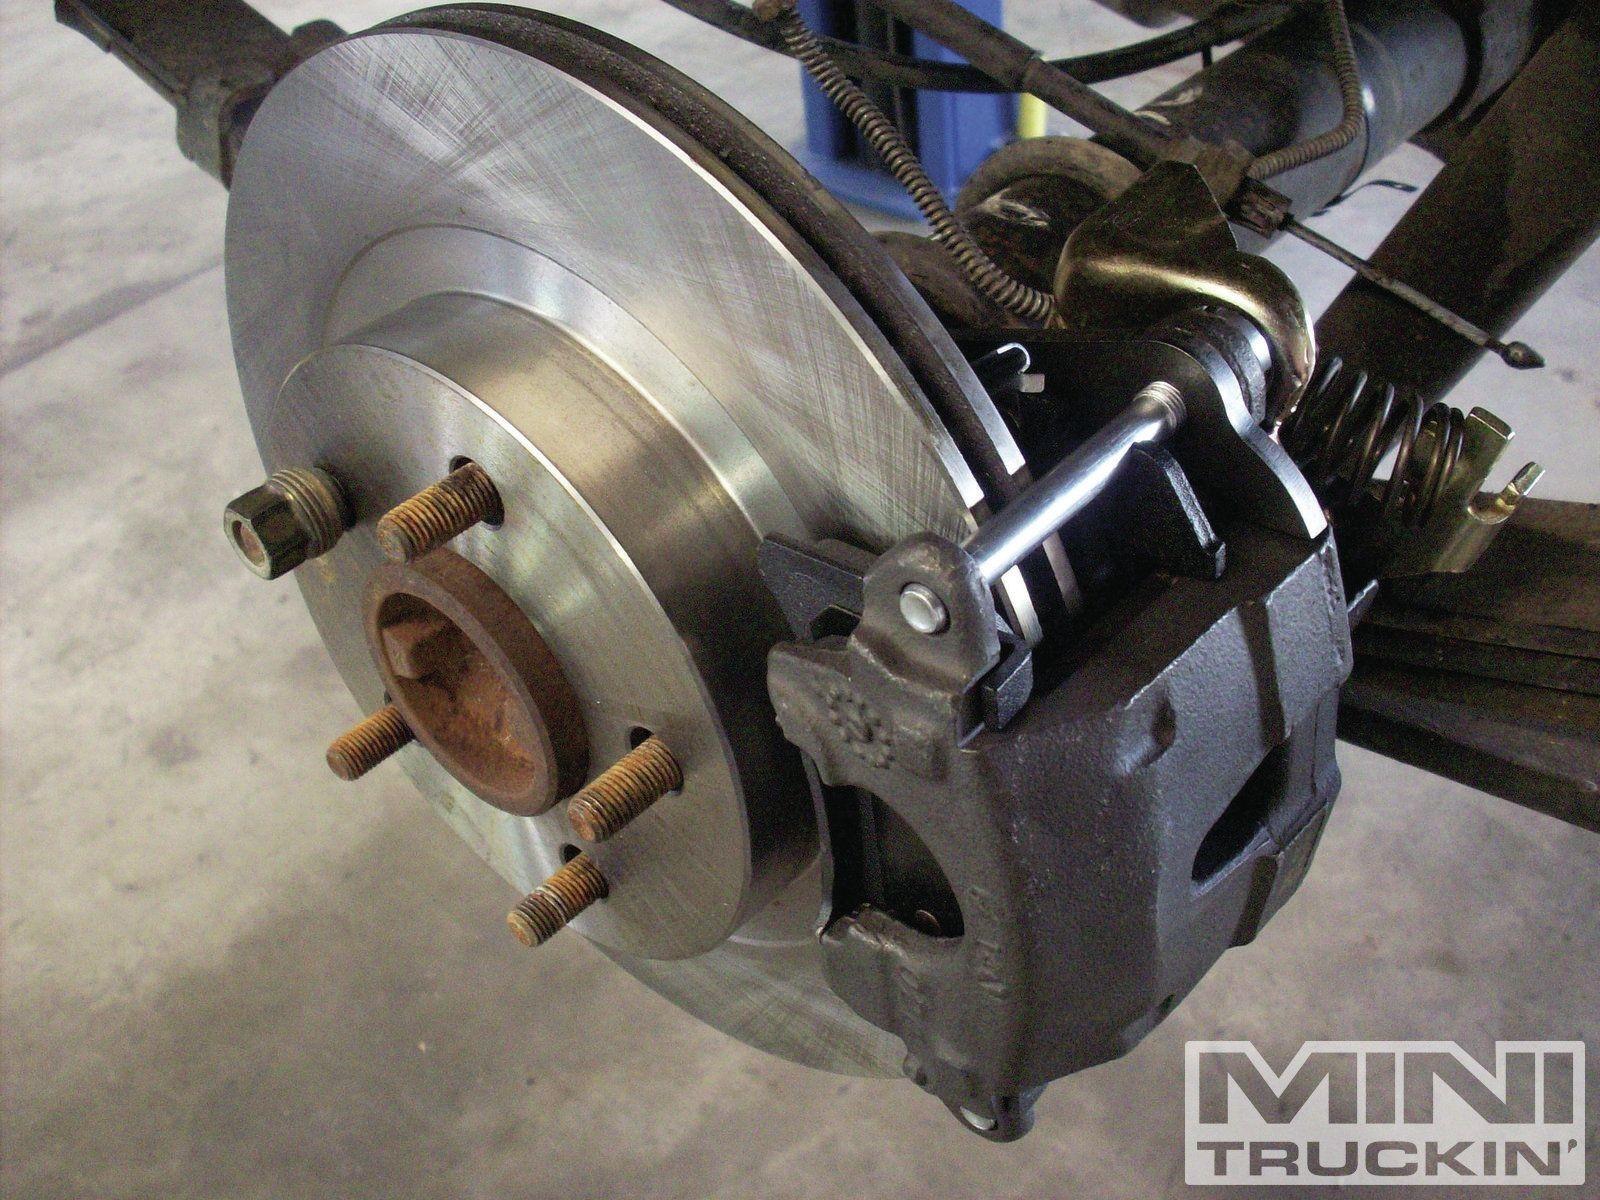 Rear Brake Shoes Diagram Chevy S10 Rear Disc Brake Conversion bye bye to Dumb Drums Mini Of Rear Brake Shoes Diagram